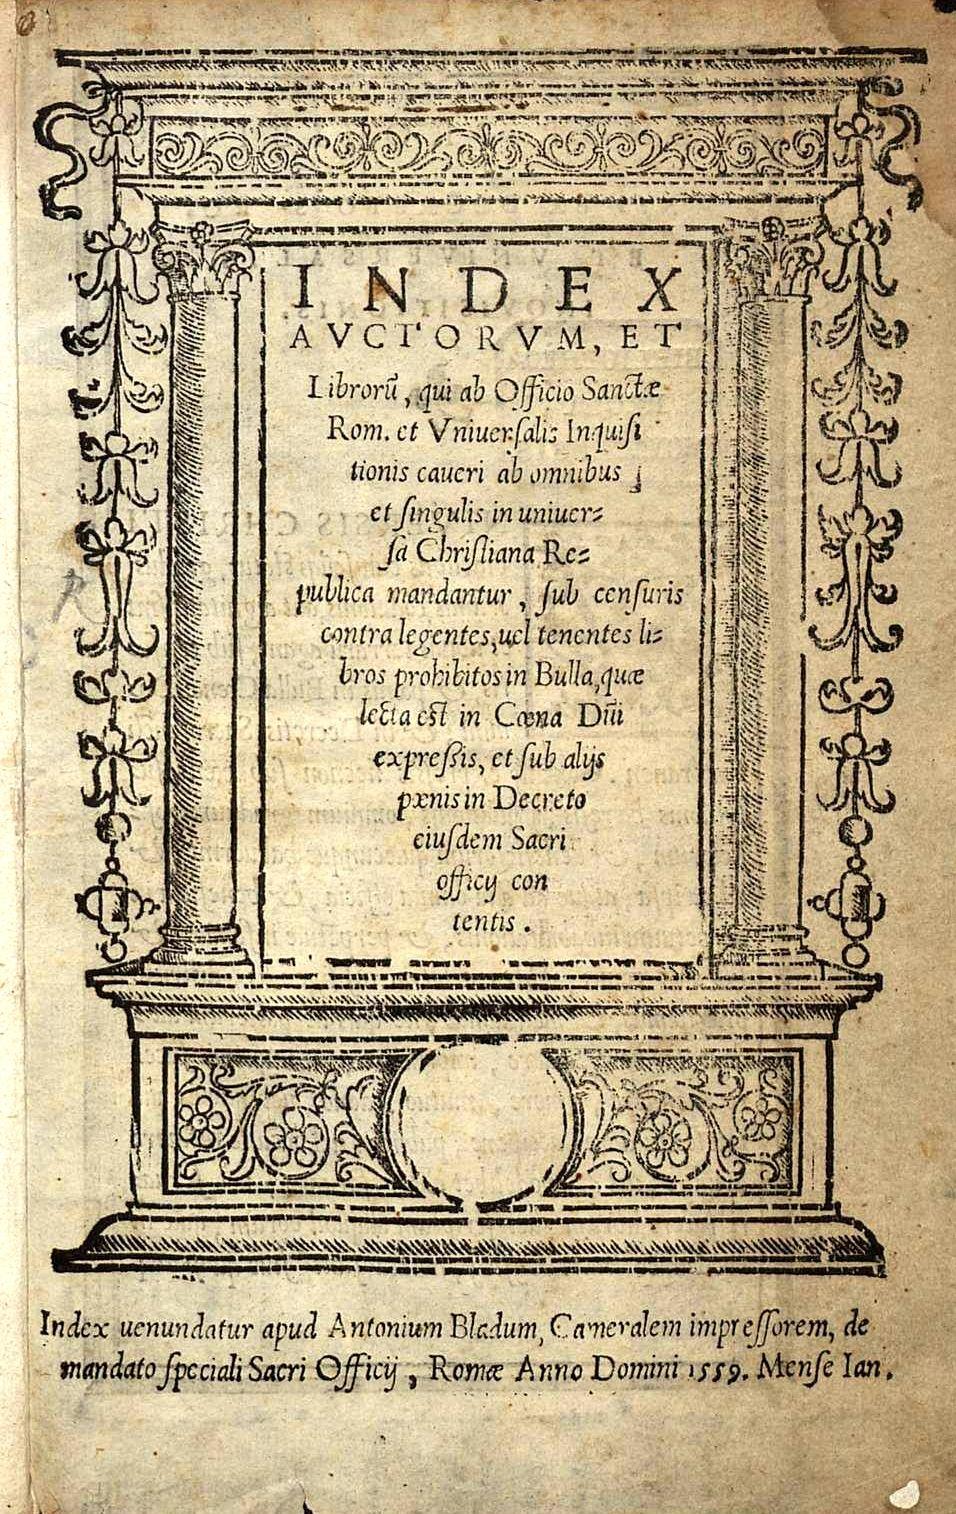 In 1559, Giovanni Boccaccio's